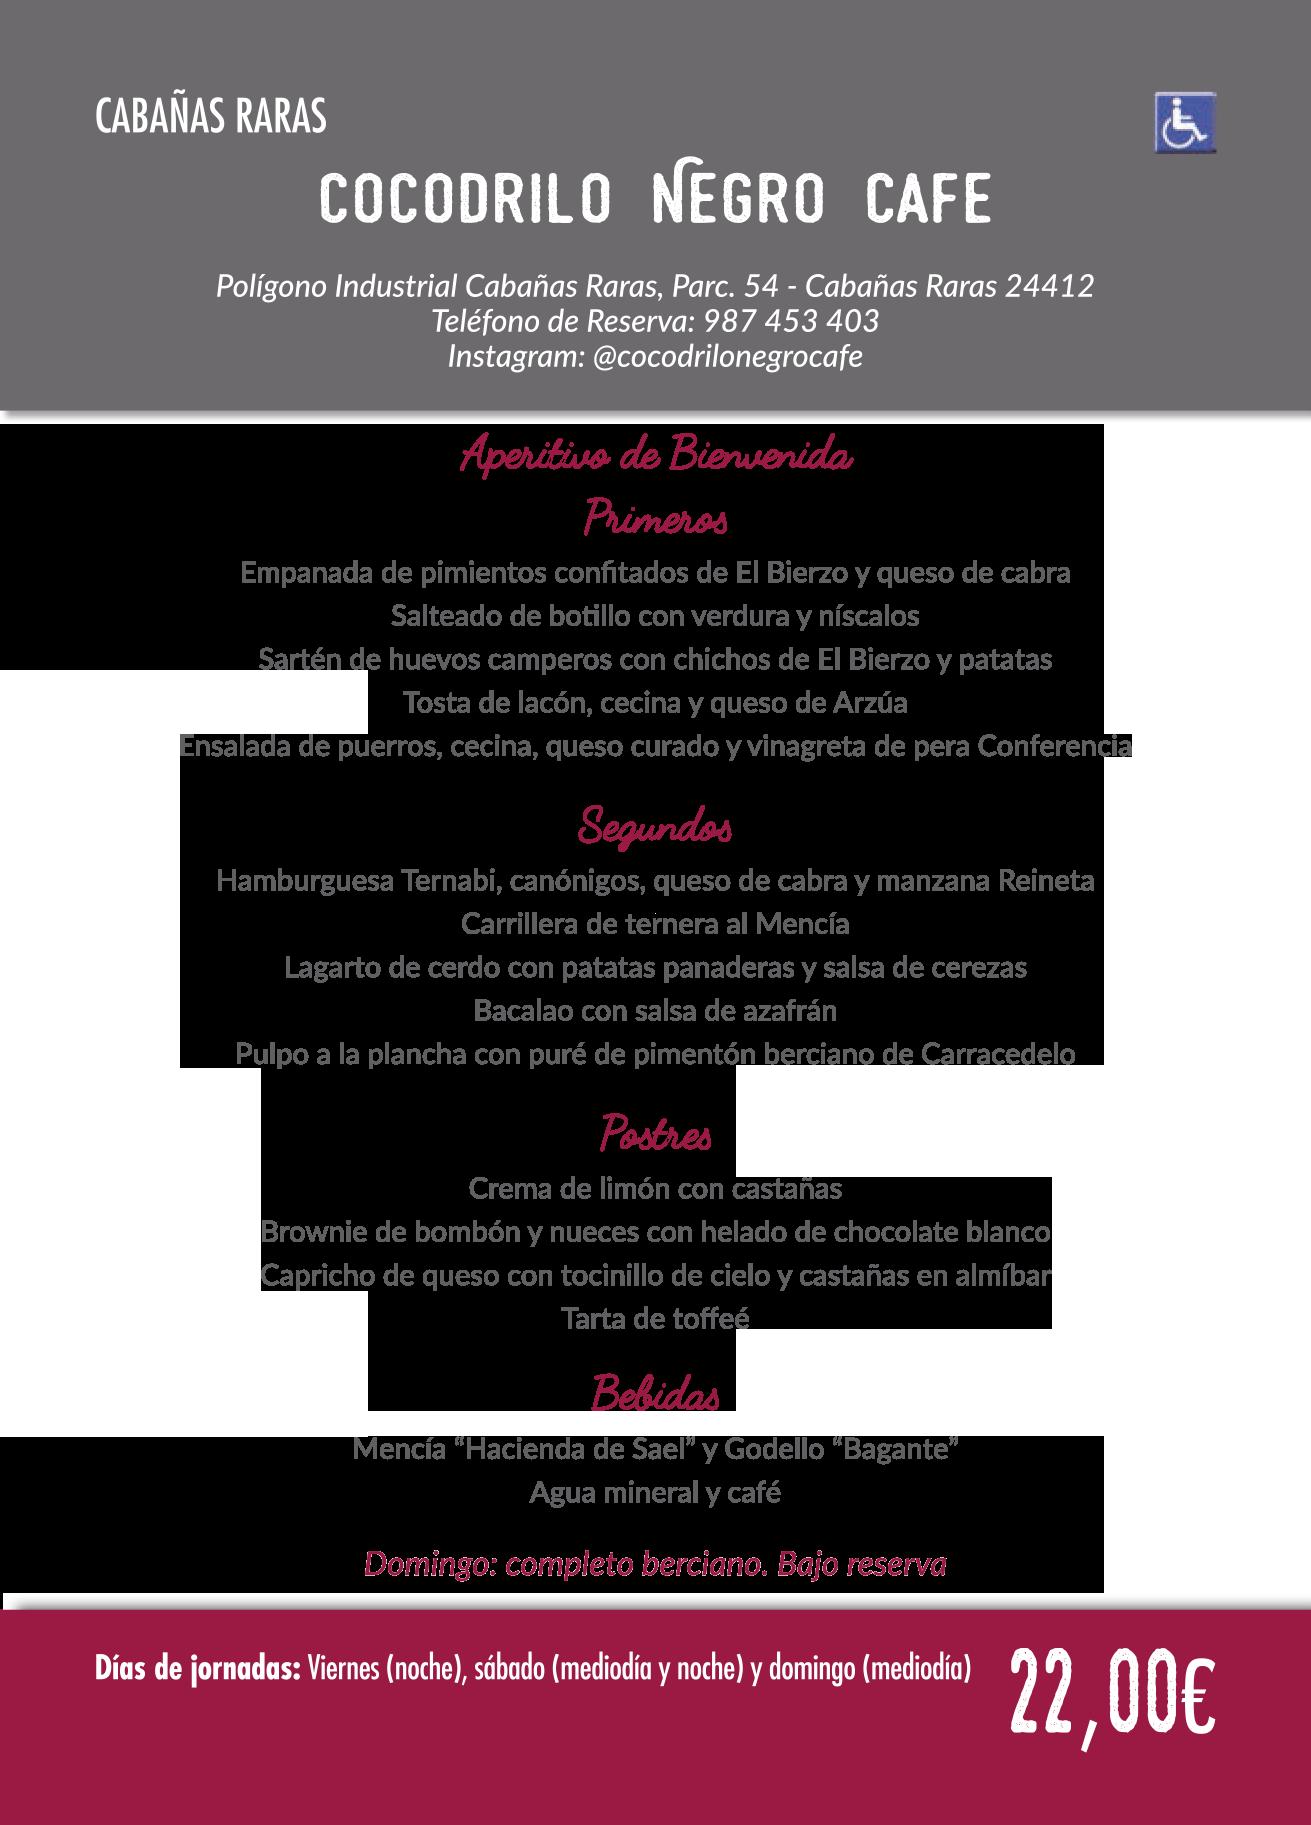 Las Jornadas Gastronómicas del Bierzo llegan a su 35 edición. Consulta los menús de esta edición 2